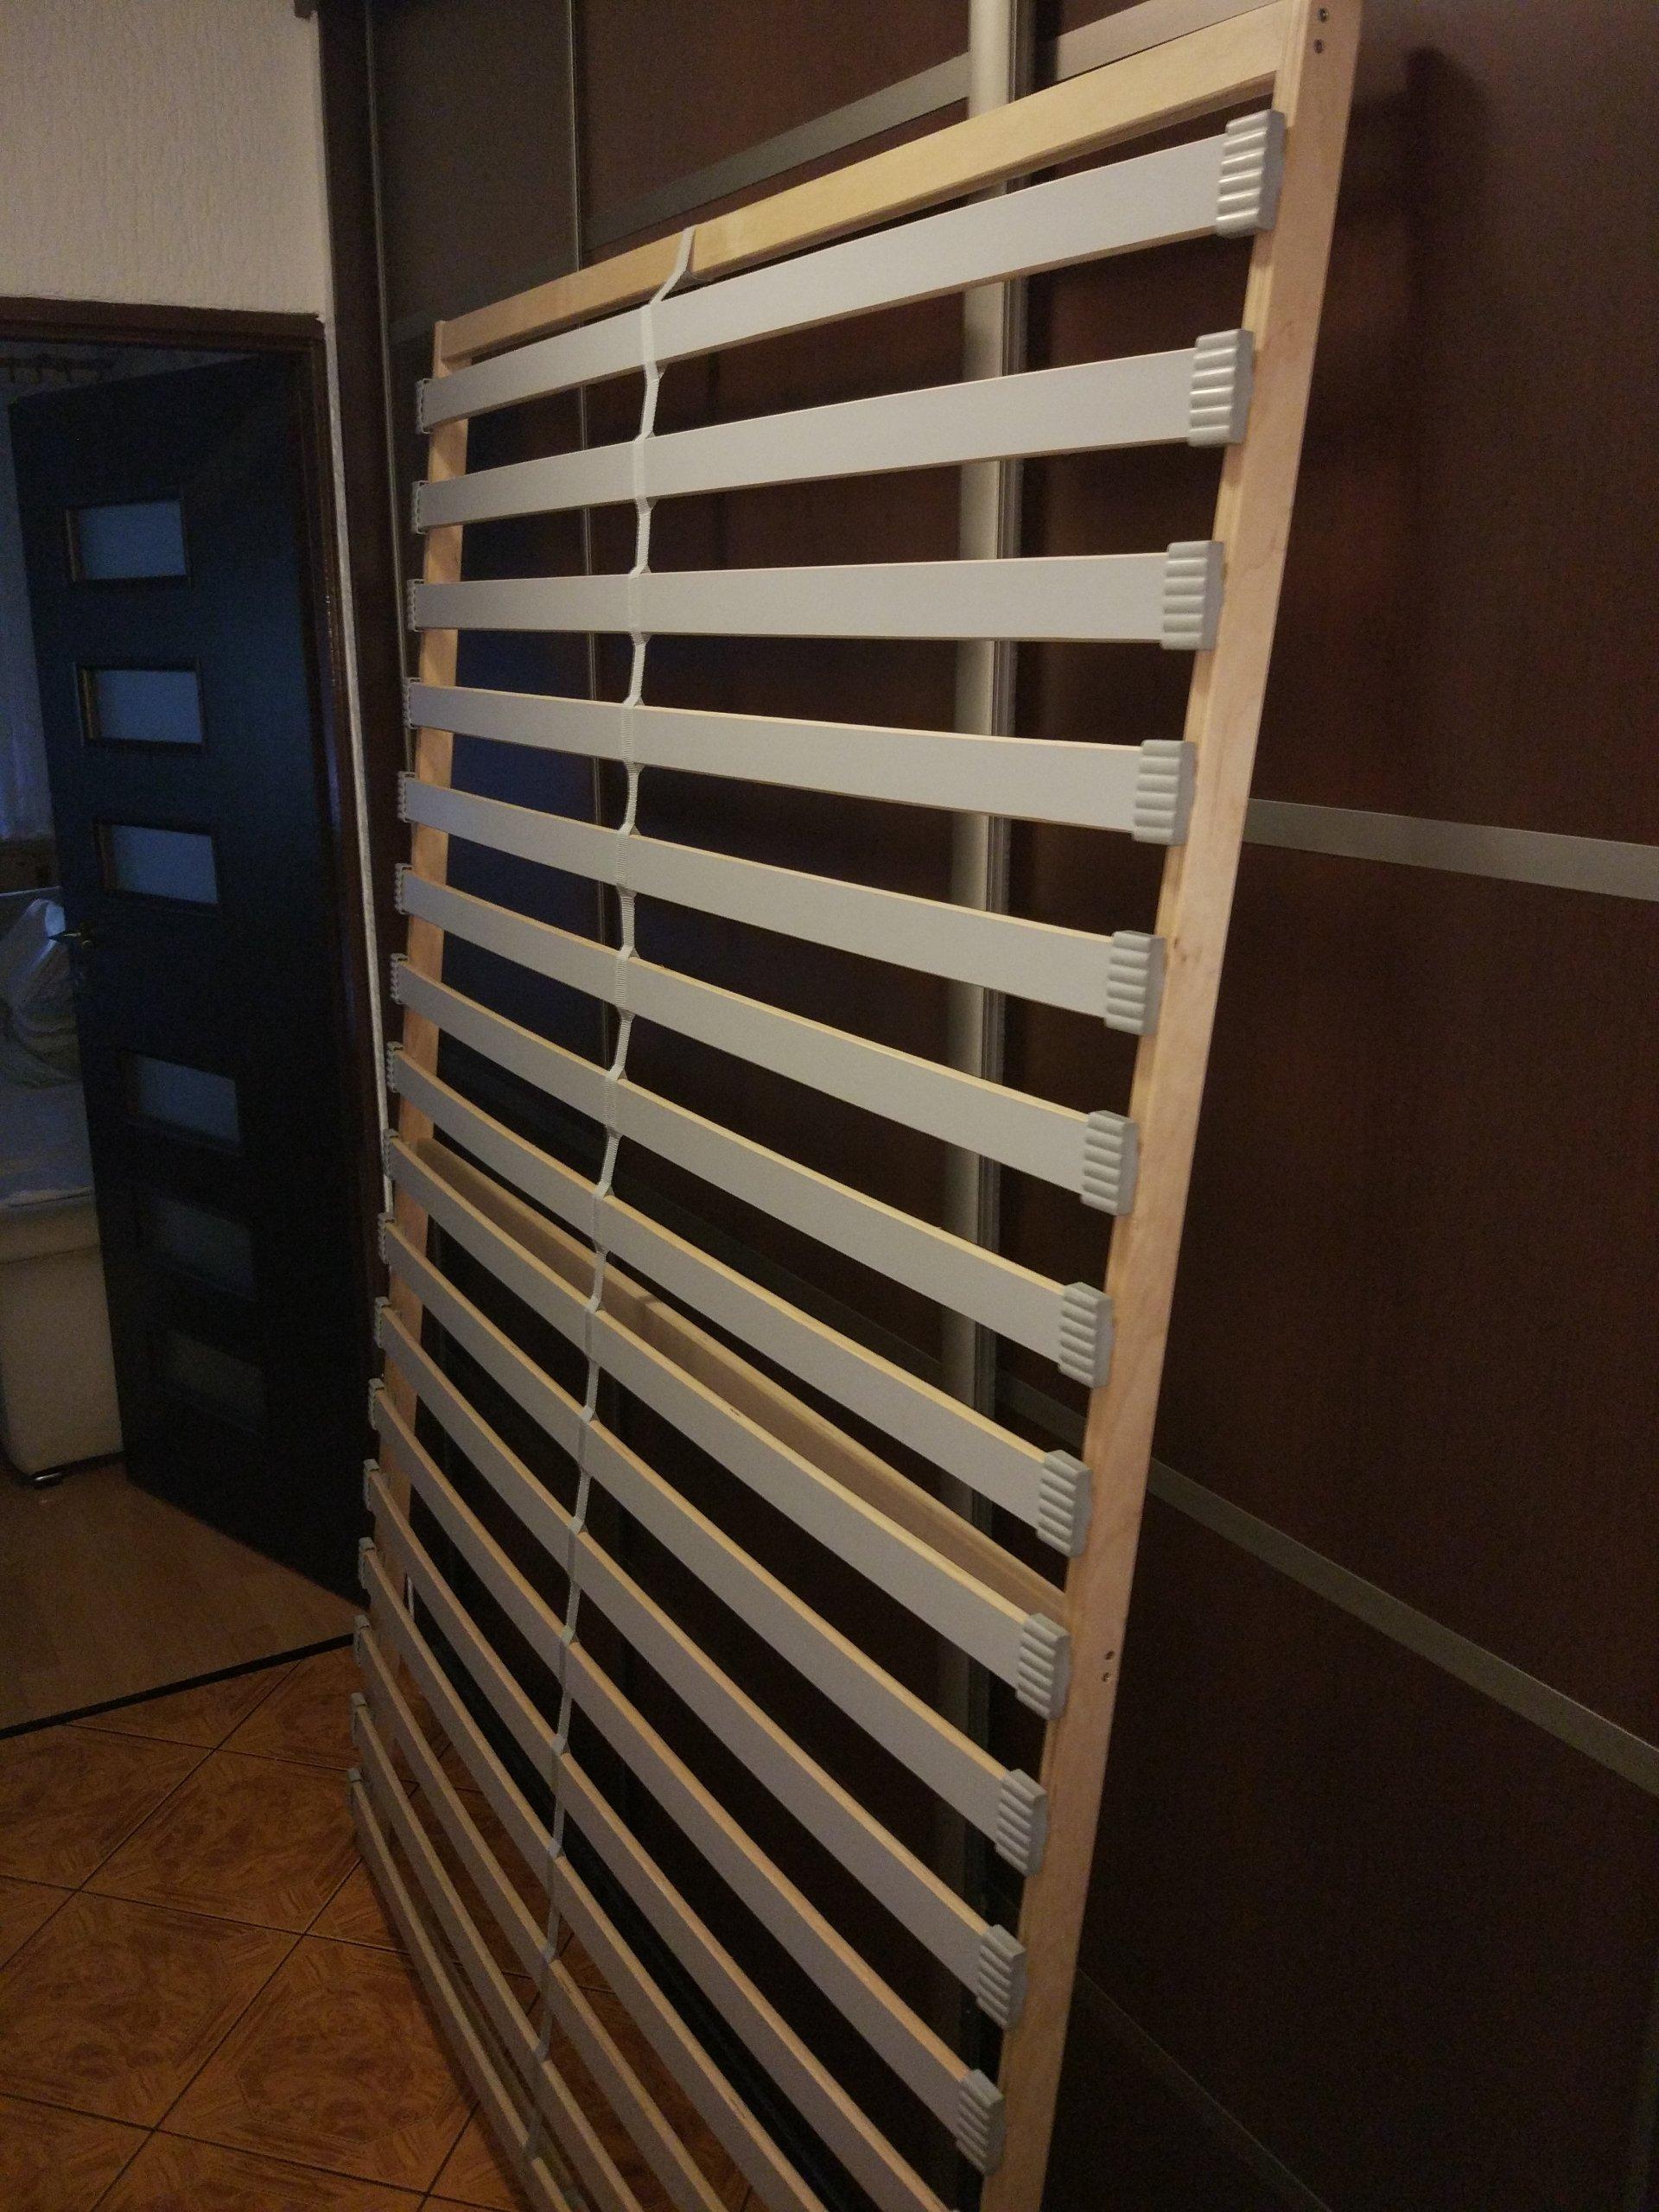 Dno łóżka Ikea Lodingen 140x200 7062304540 Oficjalne